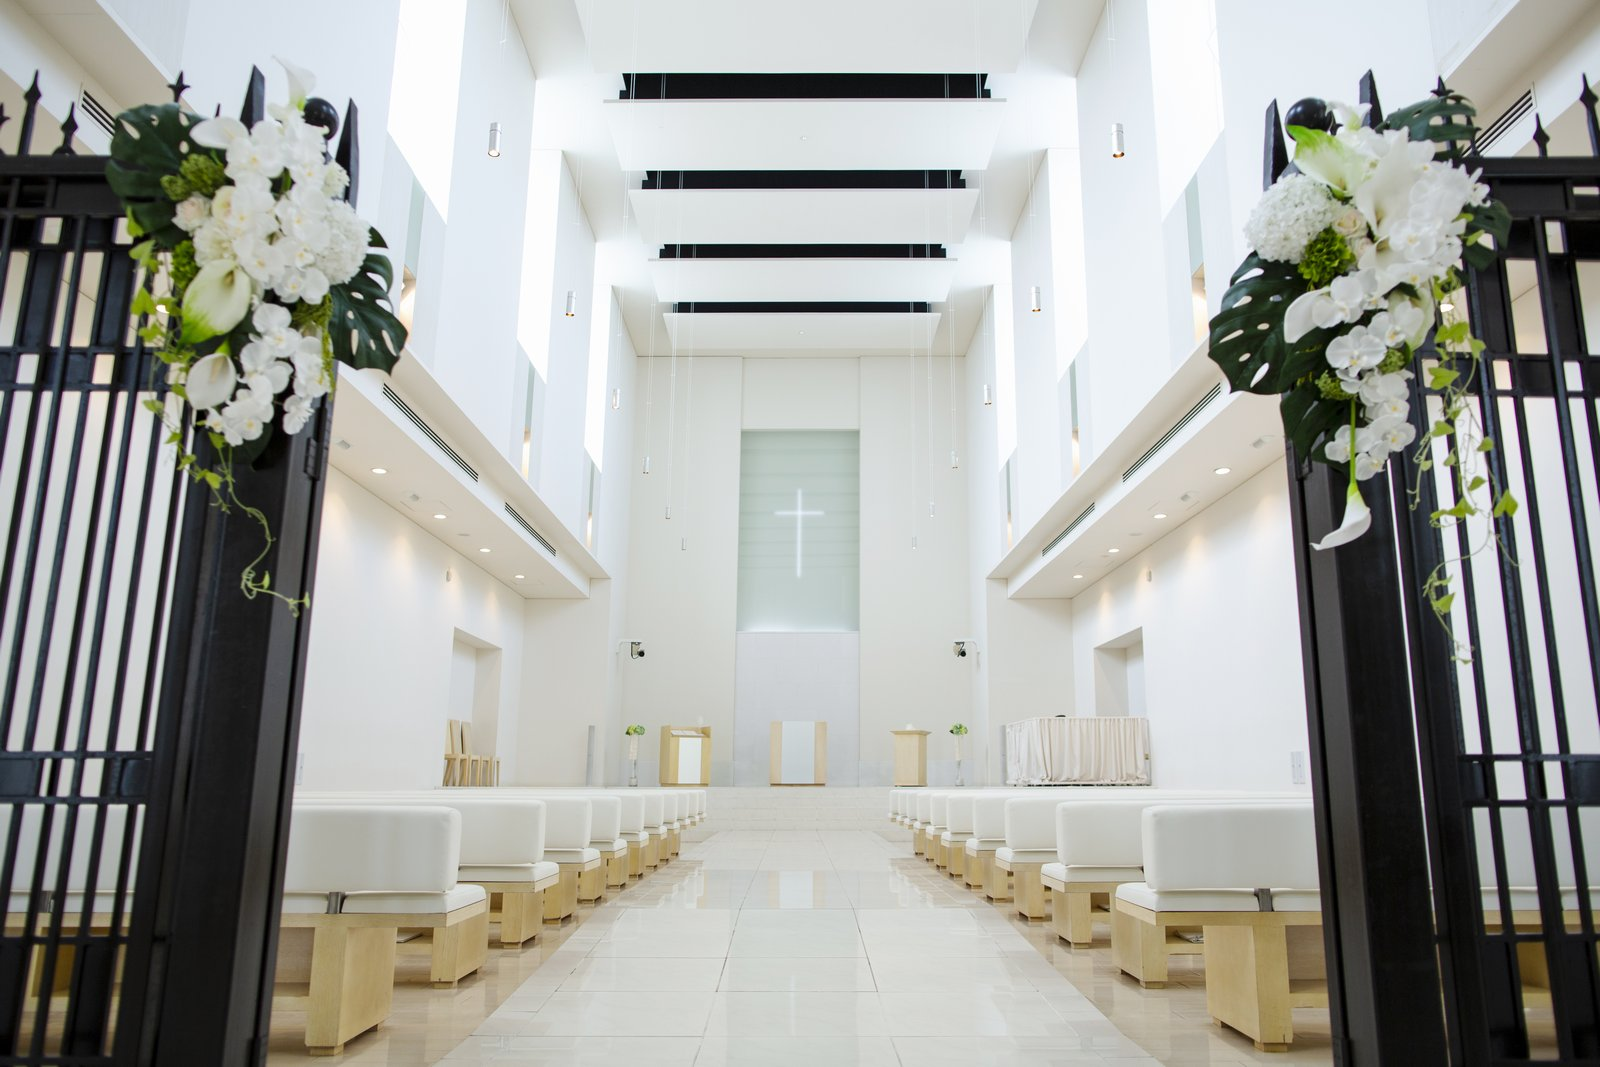 徳島県の結婚式場ブランアンジュのチャペル